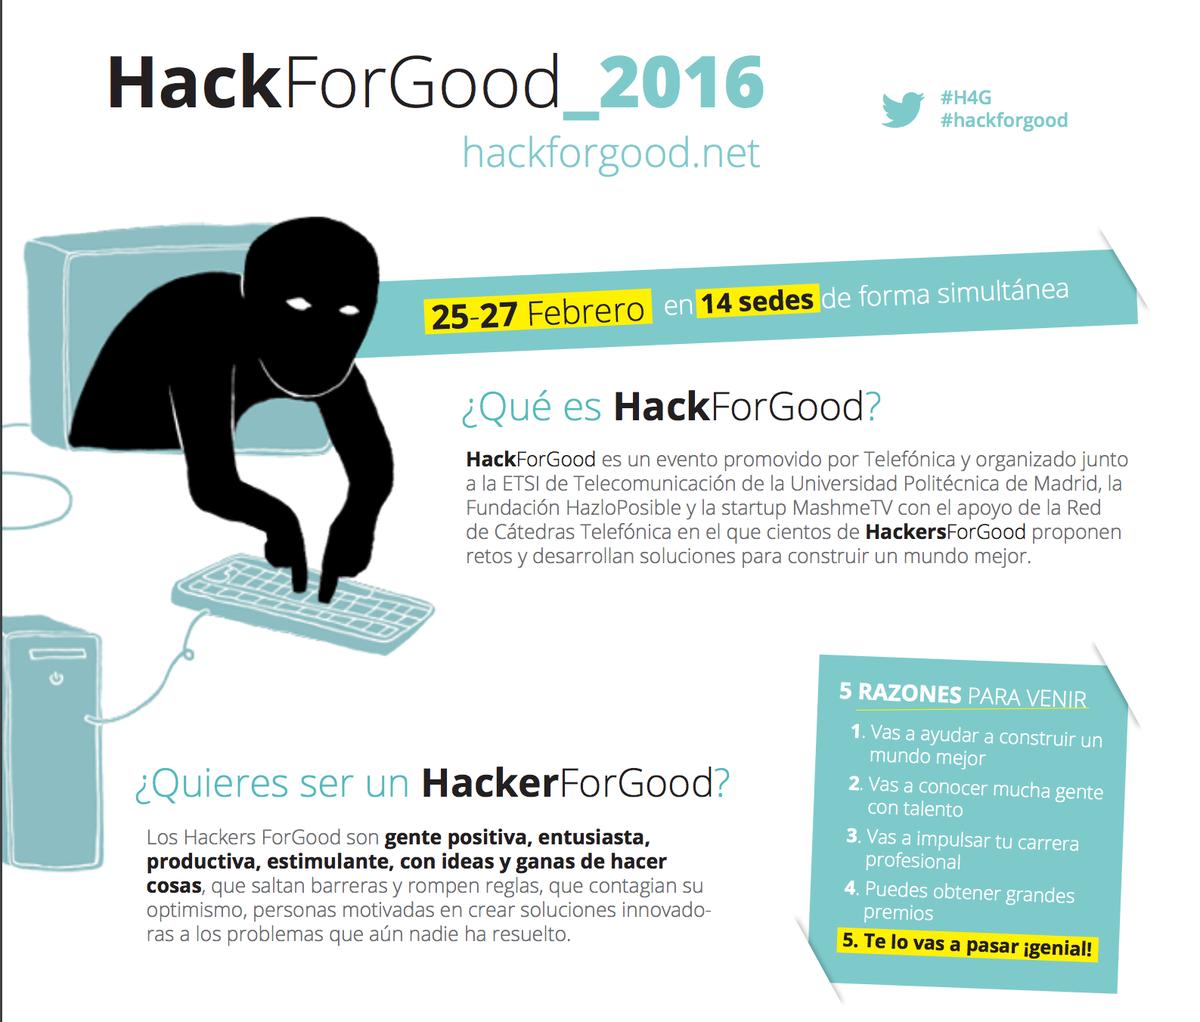 #HackForGood: Apps para mejorar el mundo. 14 ciudades. 25-27 feb. Únete y cambia las cosas https://t.co/jsu85LZ5pP https://t.co/DRhgPUCqNE